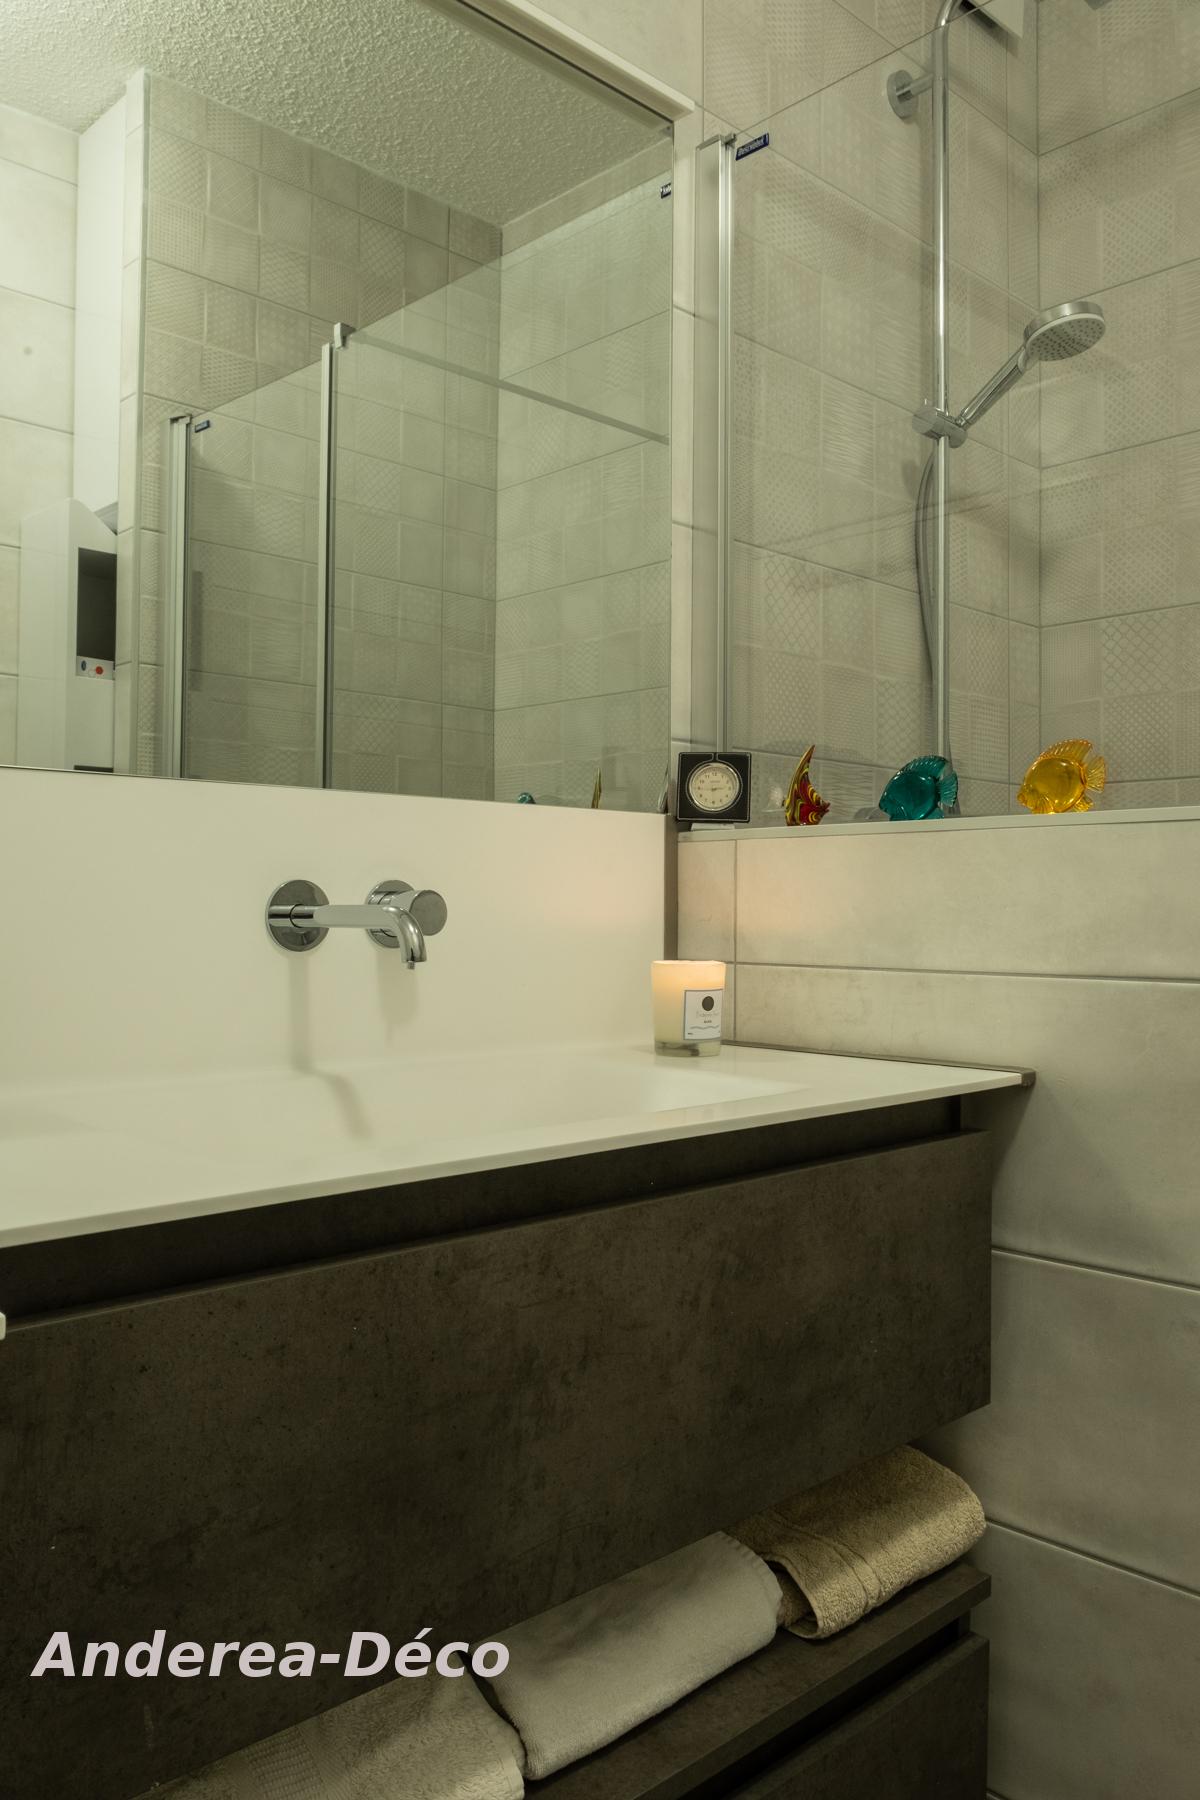 Nouvelle Salle De Bain 2018 rénovation d'une salle de bain à guéthary, nouvelle